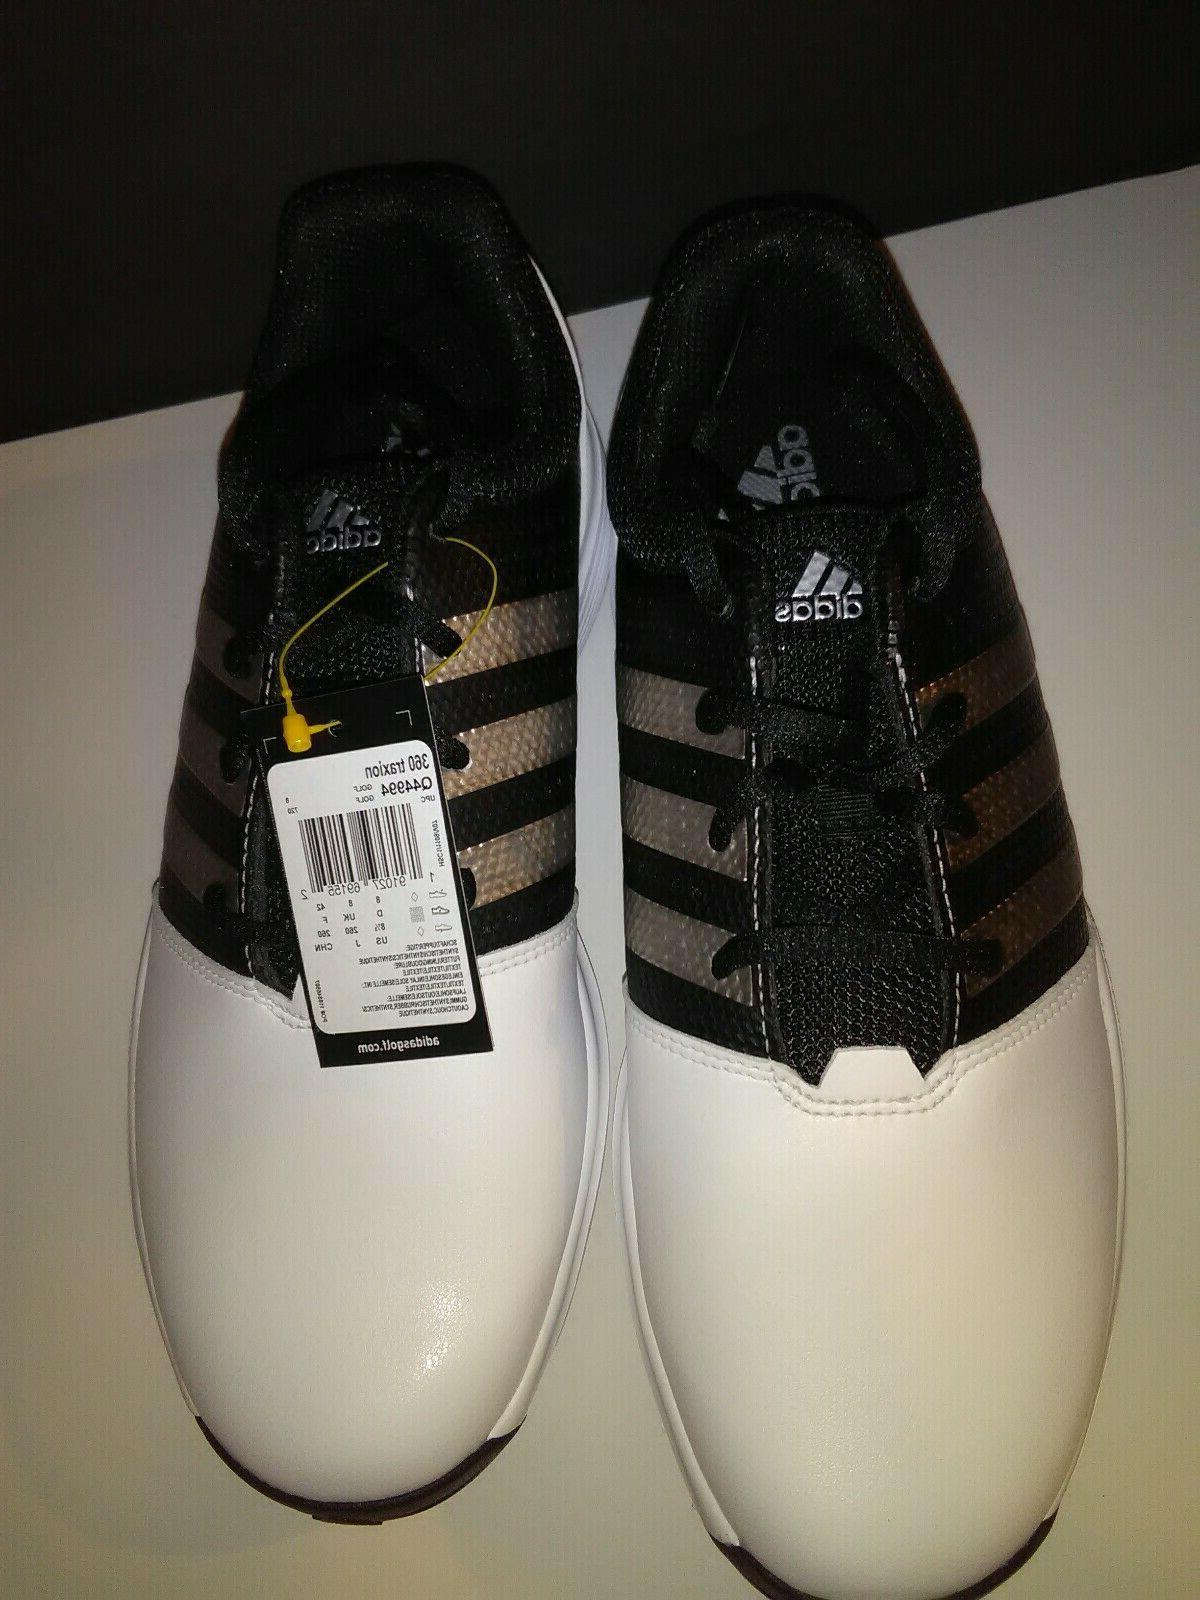 Q44994 - White/Black Size 8.5